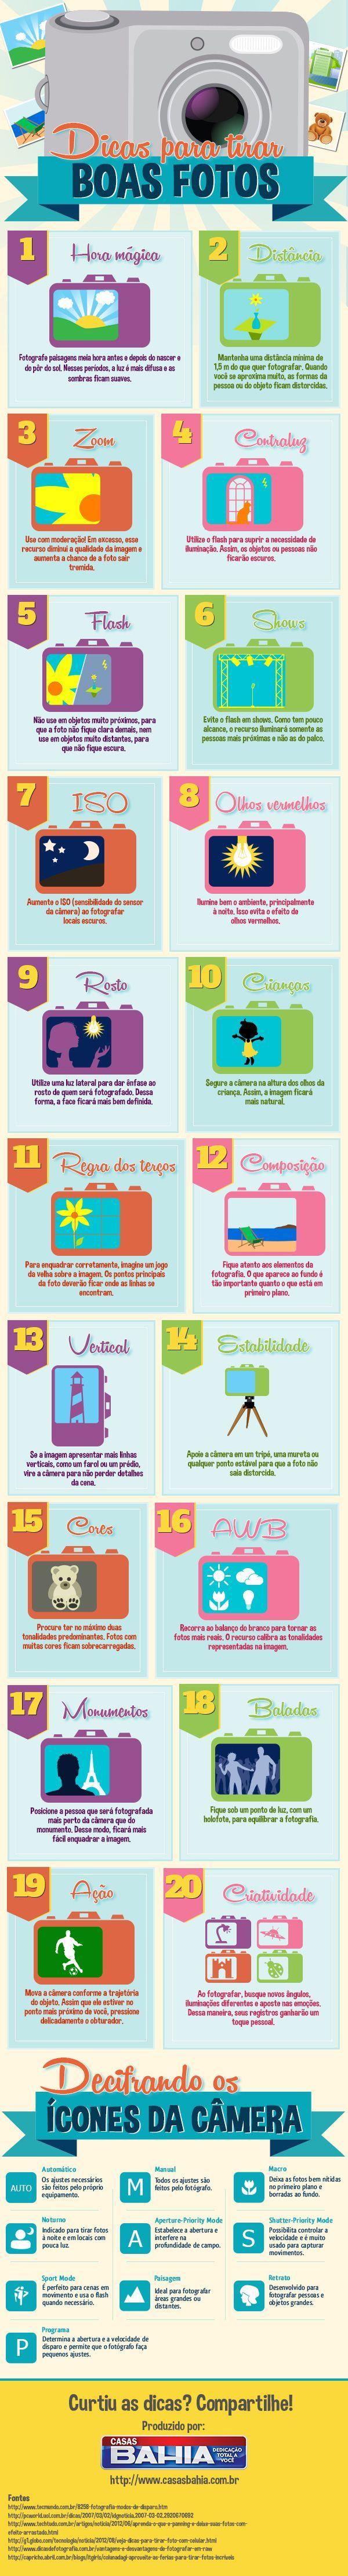 Infográfico - 20 dicas para tirar fotos legais